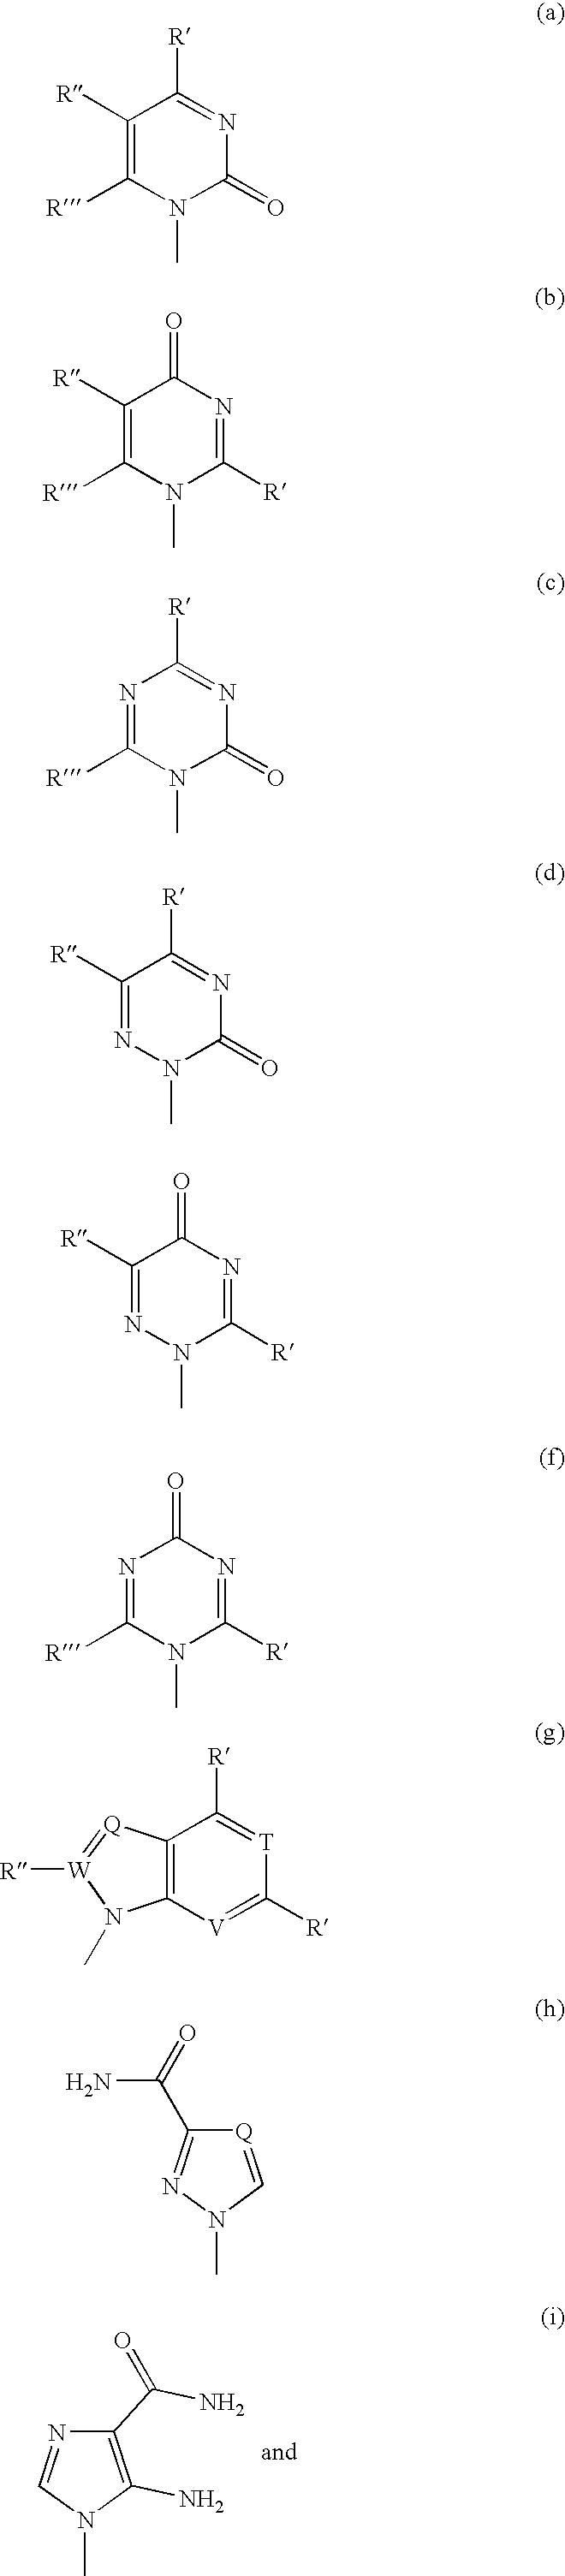 Figure US07608600-20091027-C00049